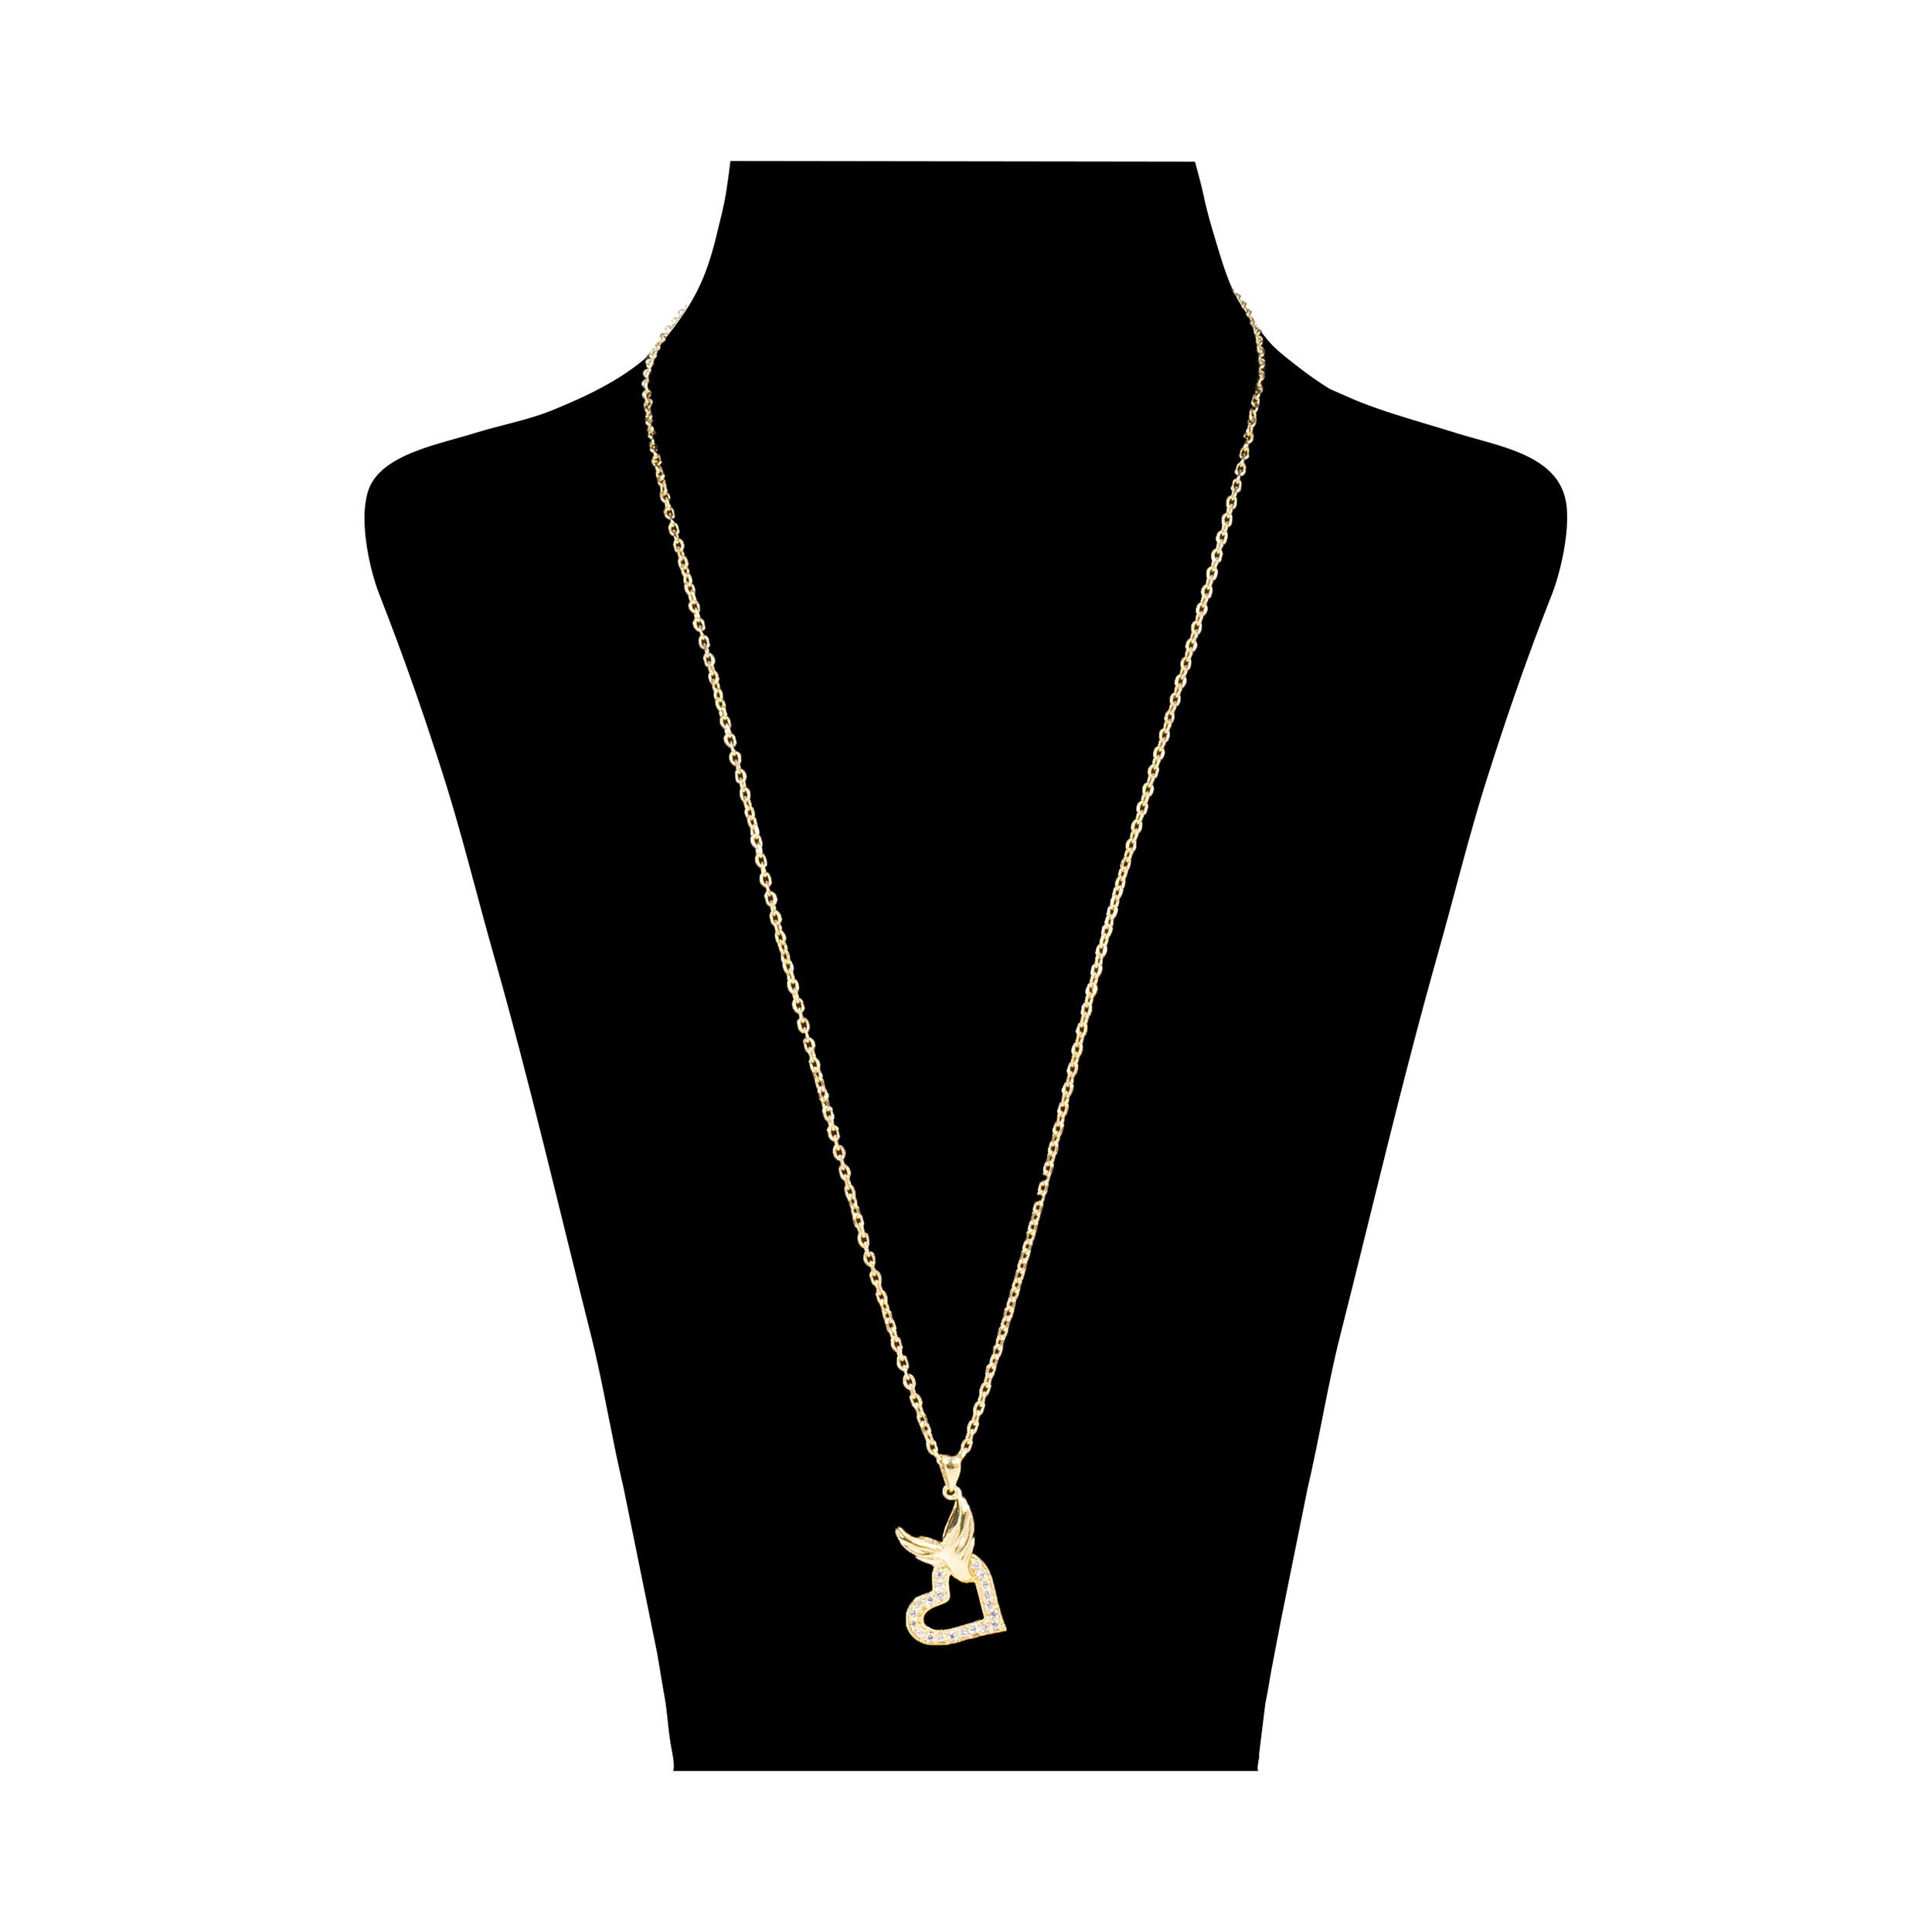 گردنبند نقره زنانه طرح قلب فرشته کد M016